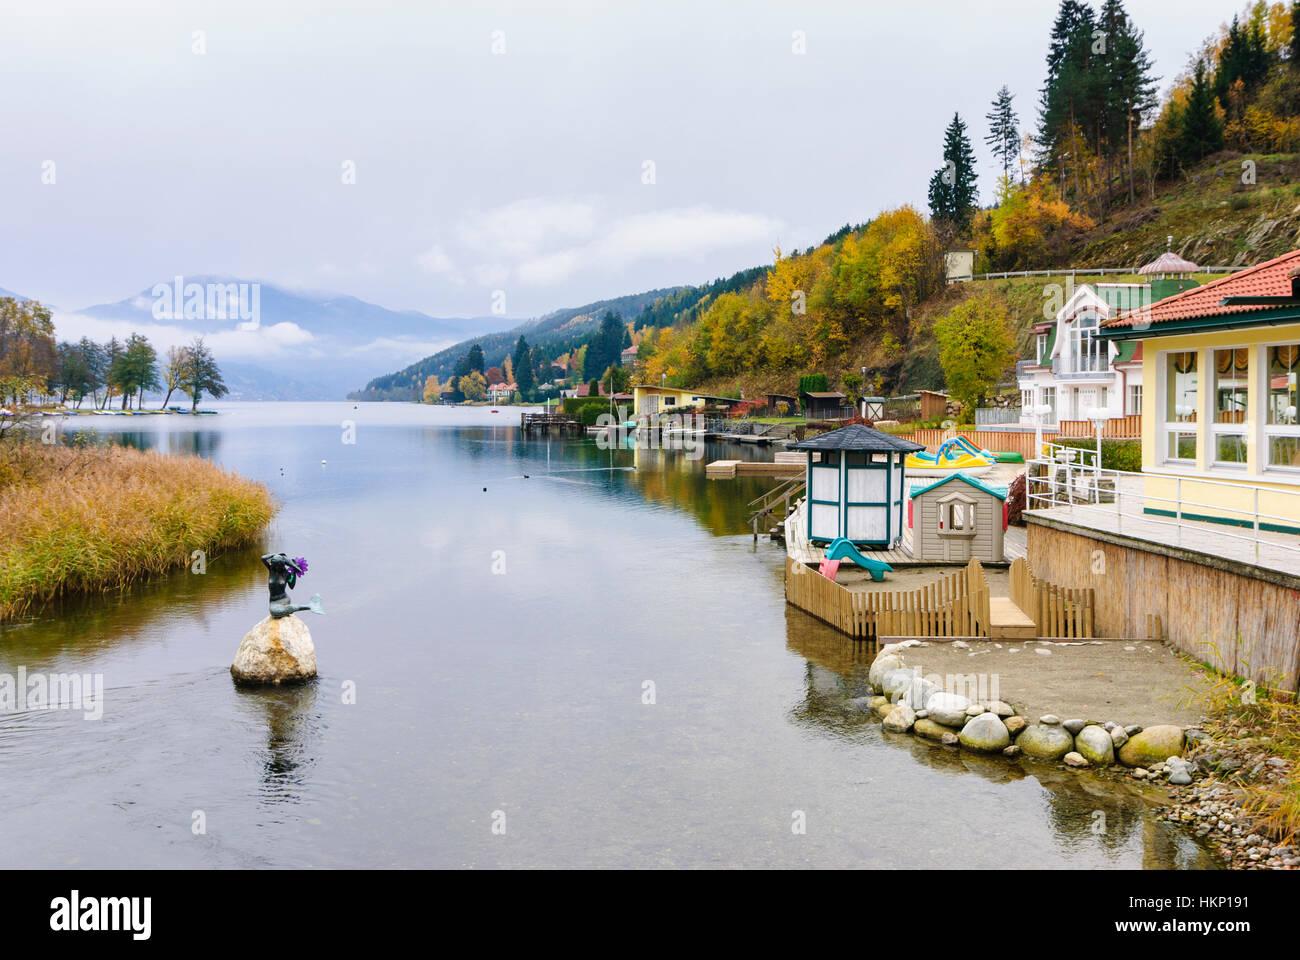 Seeboden: Millstätter See (Lake Millstatt), , Kärnten, Carinthia, Austria - Stock Image